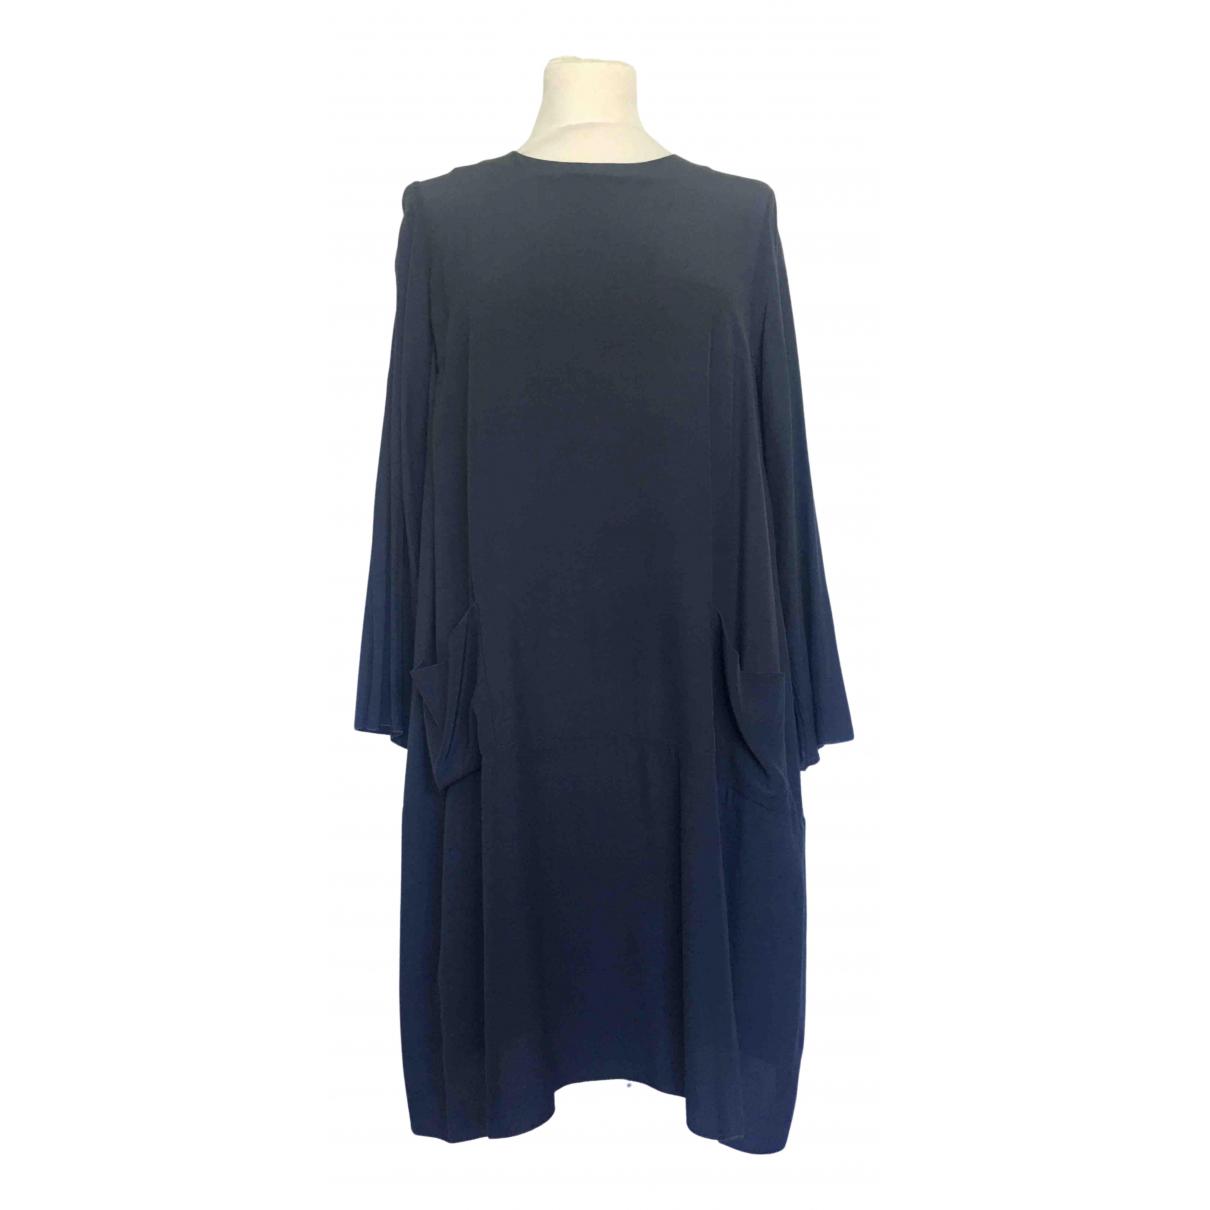 Marni \N Kleid in  Grau Viskose